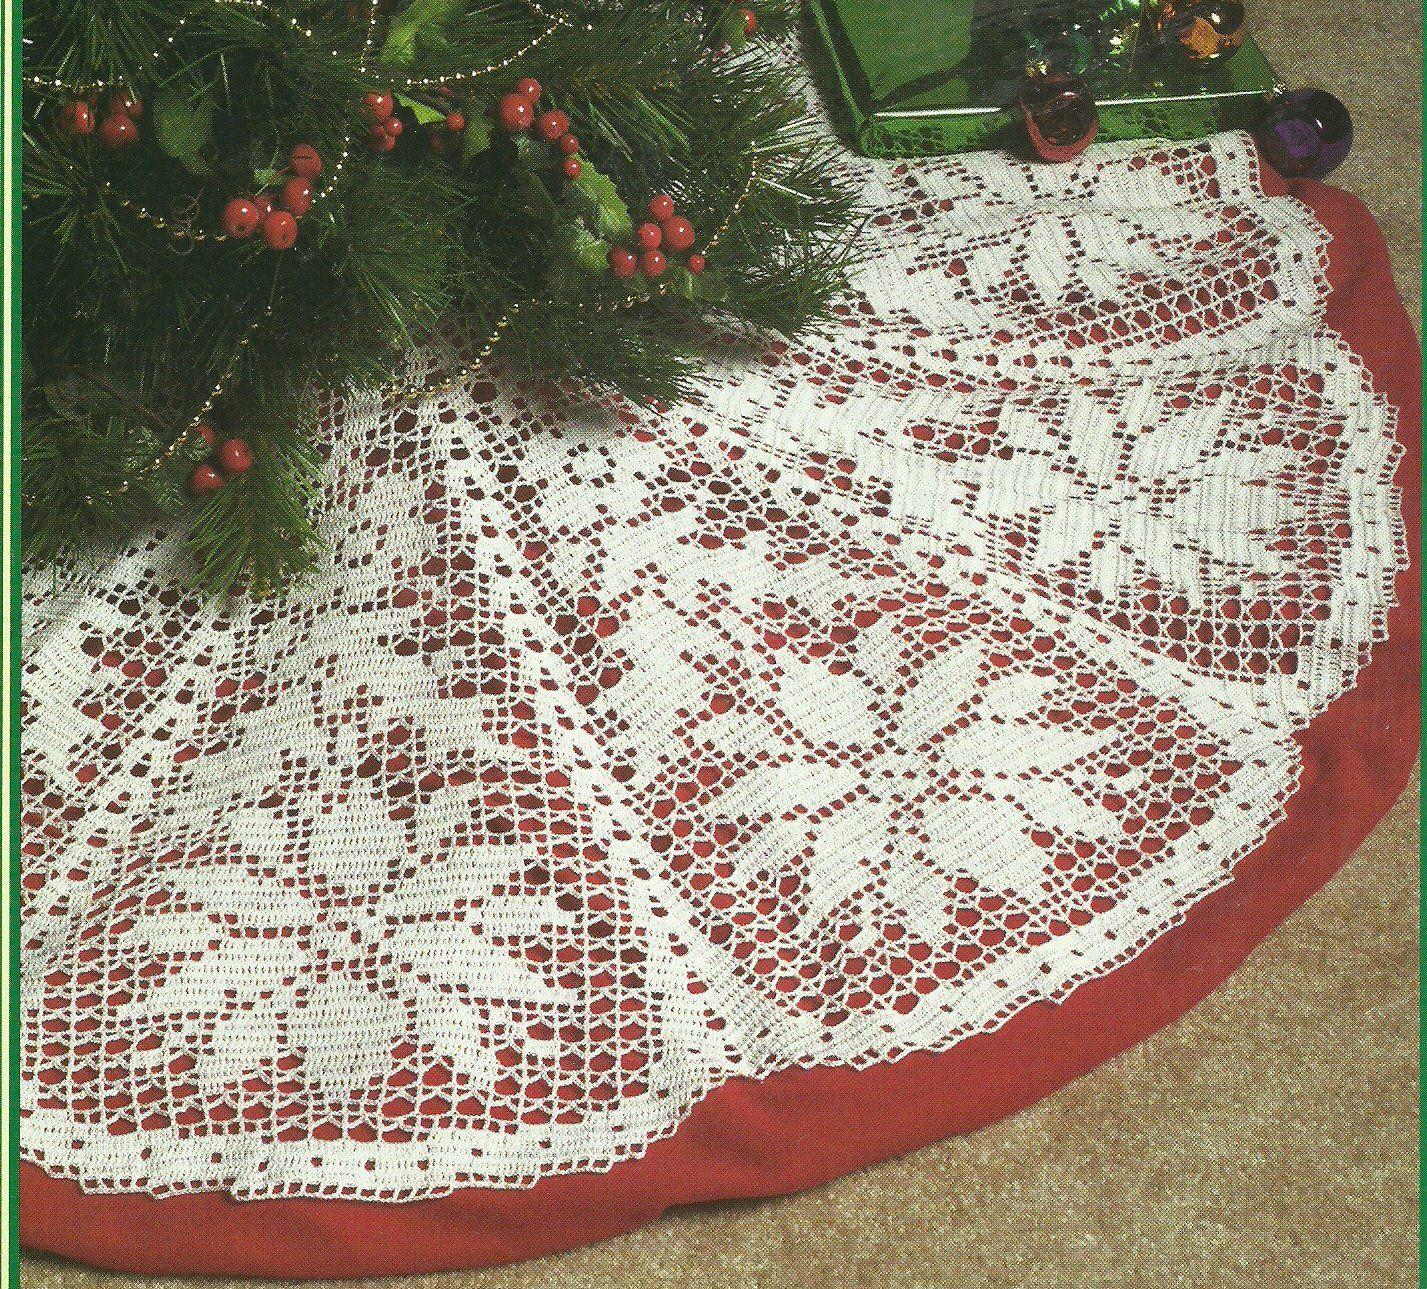 White+Christmas+Collection+-+Poinsettia+Tree+Skirt+-+Filet+Crochet ...